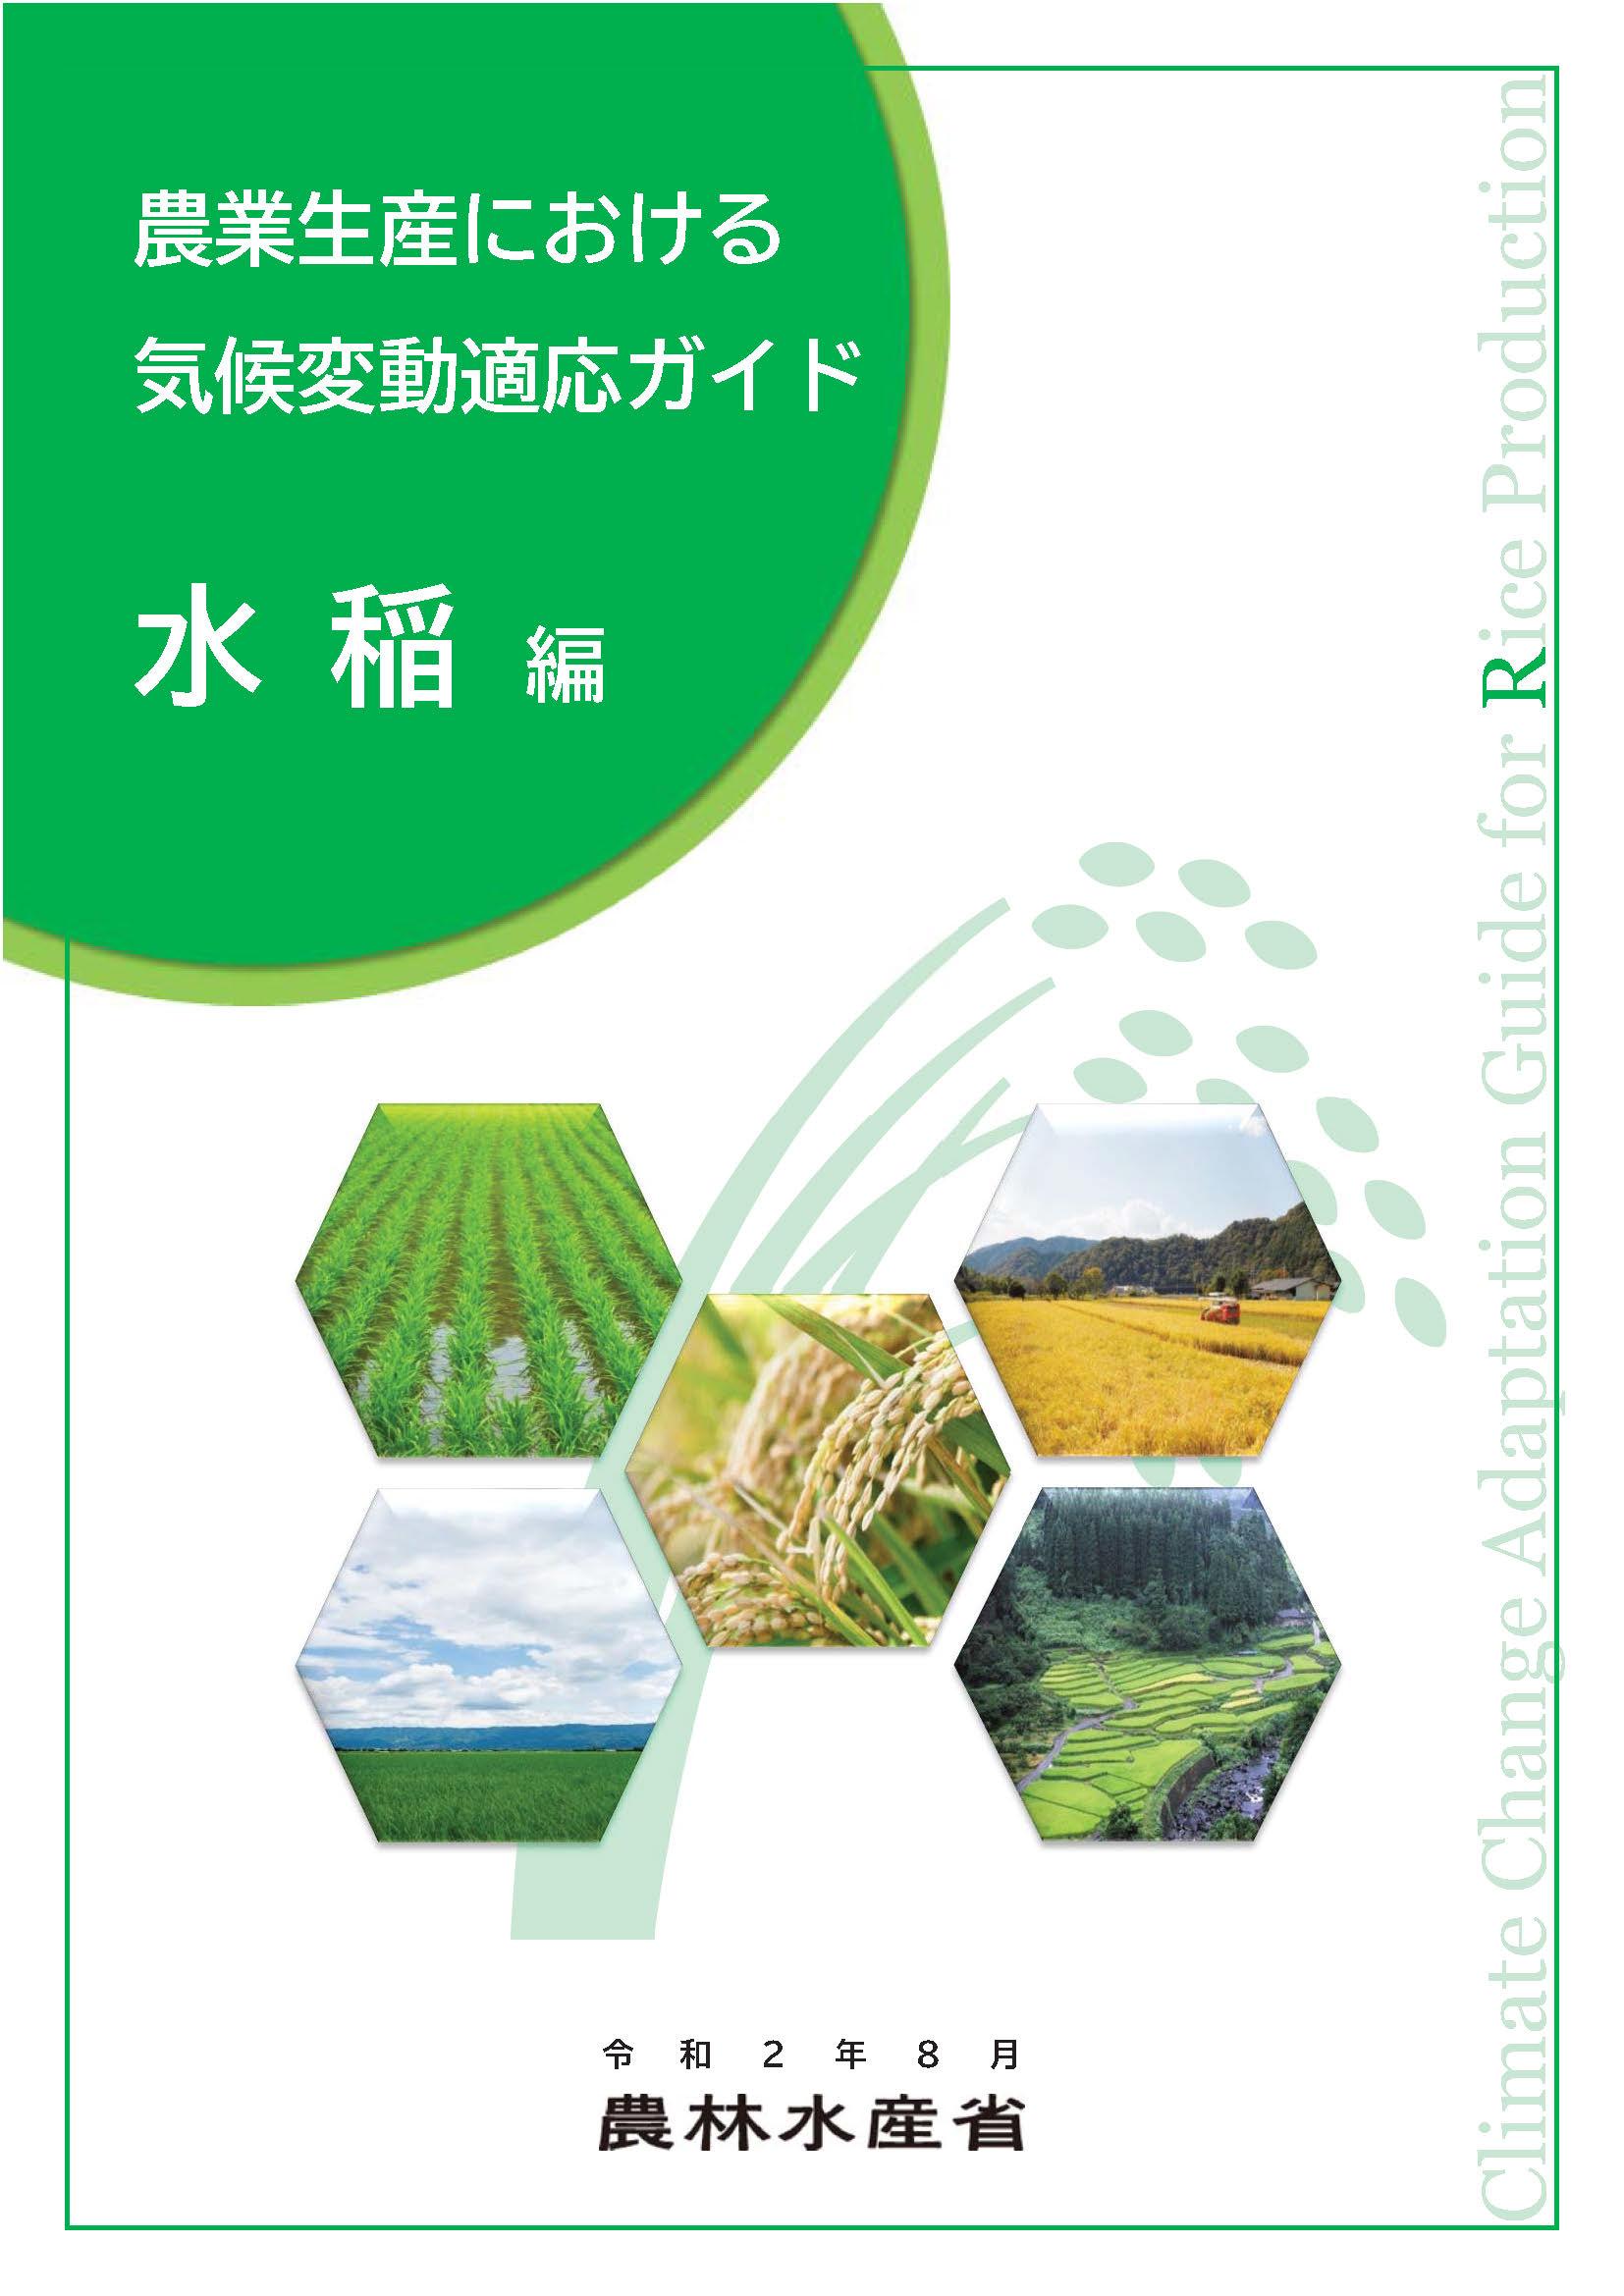 農水省「農業生産における気候変動適応ガイド(水稲編)、(りんご編)」の公表